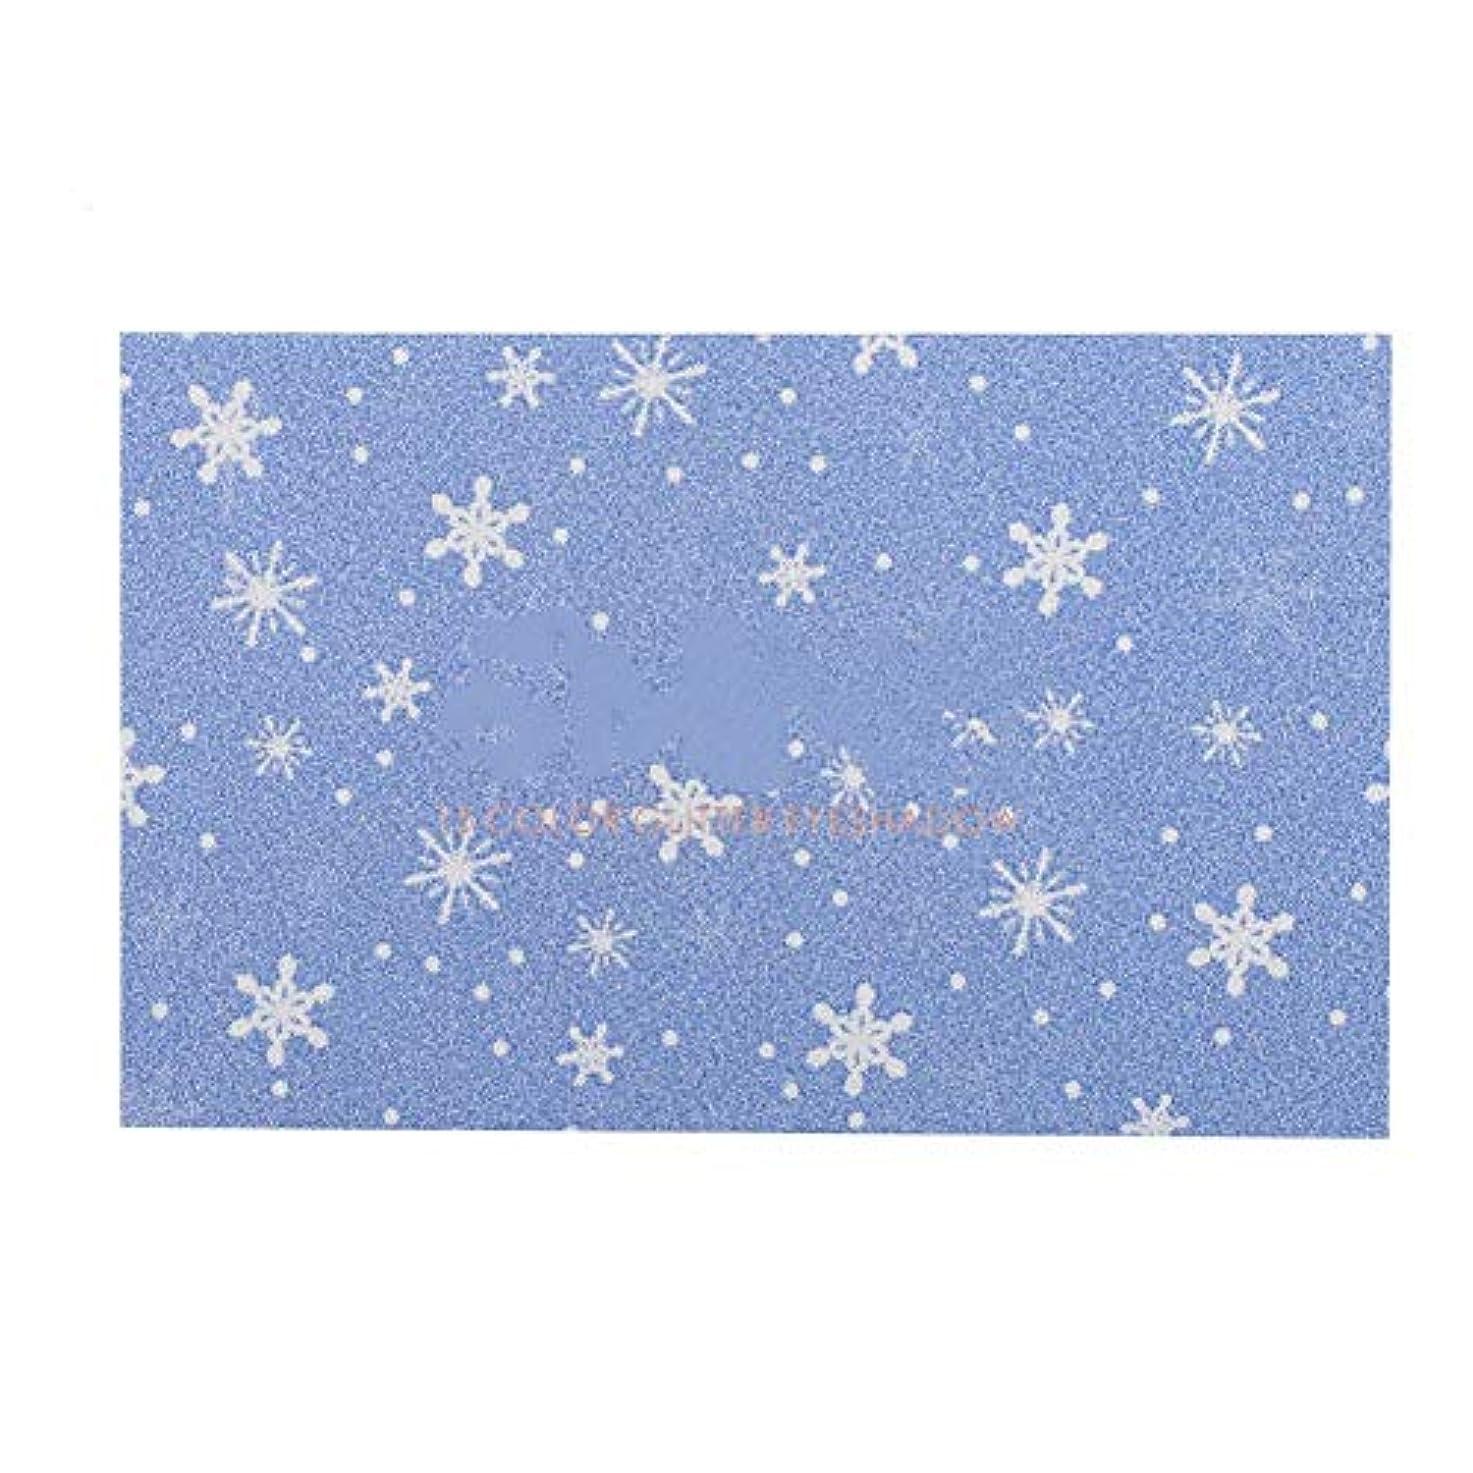 不十分な水曜日セブン15色真珠光沢アイシャドウパレット防水化粧アイシャドウパウダー化粧品(GG15-4)